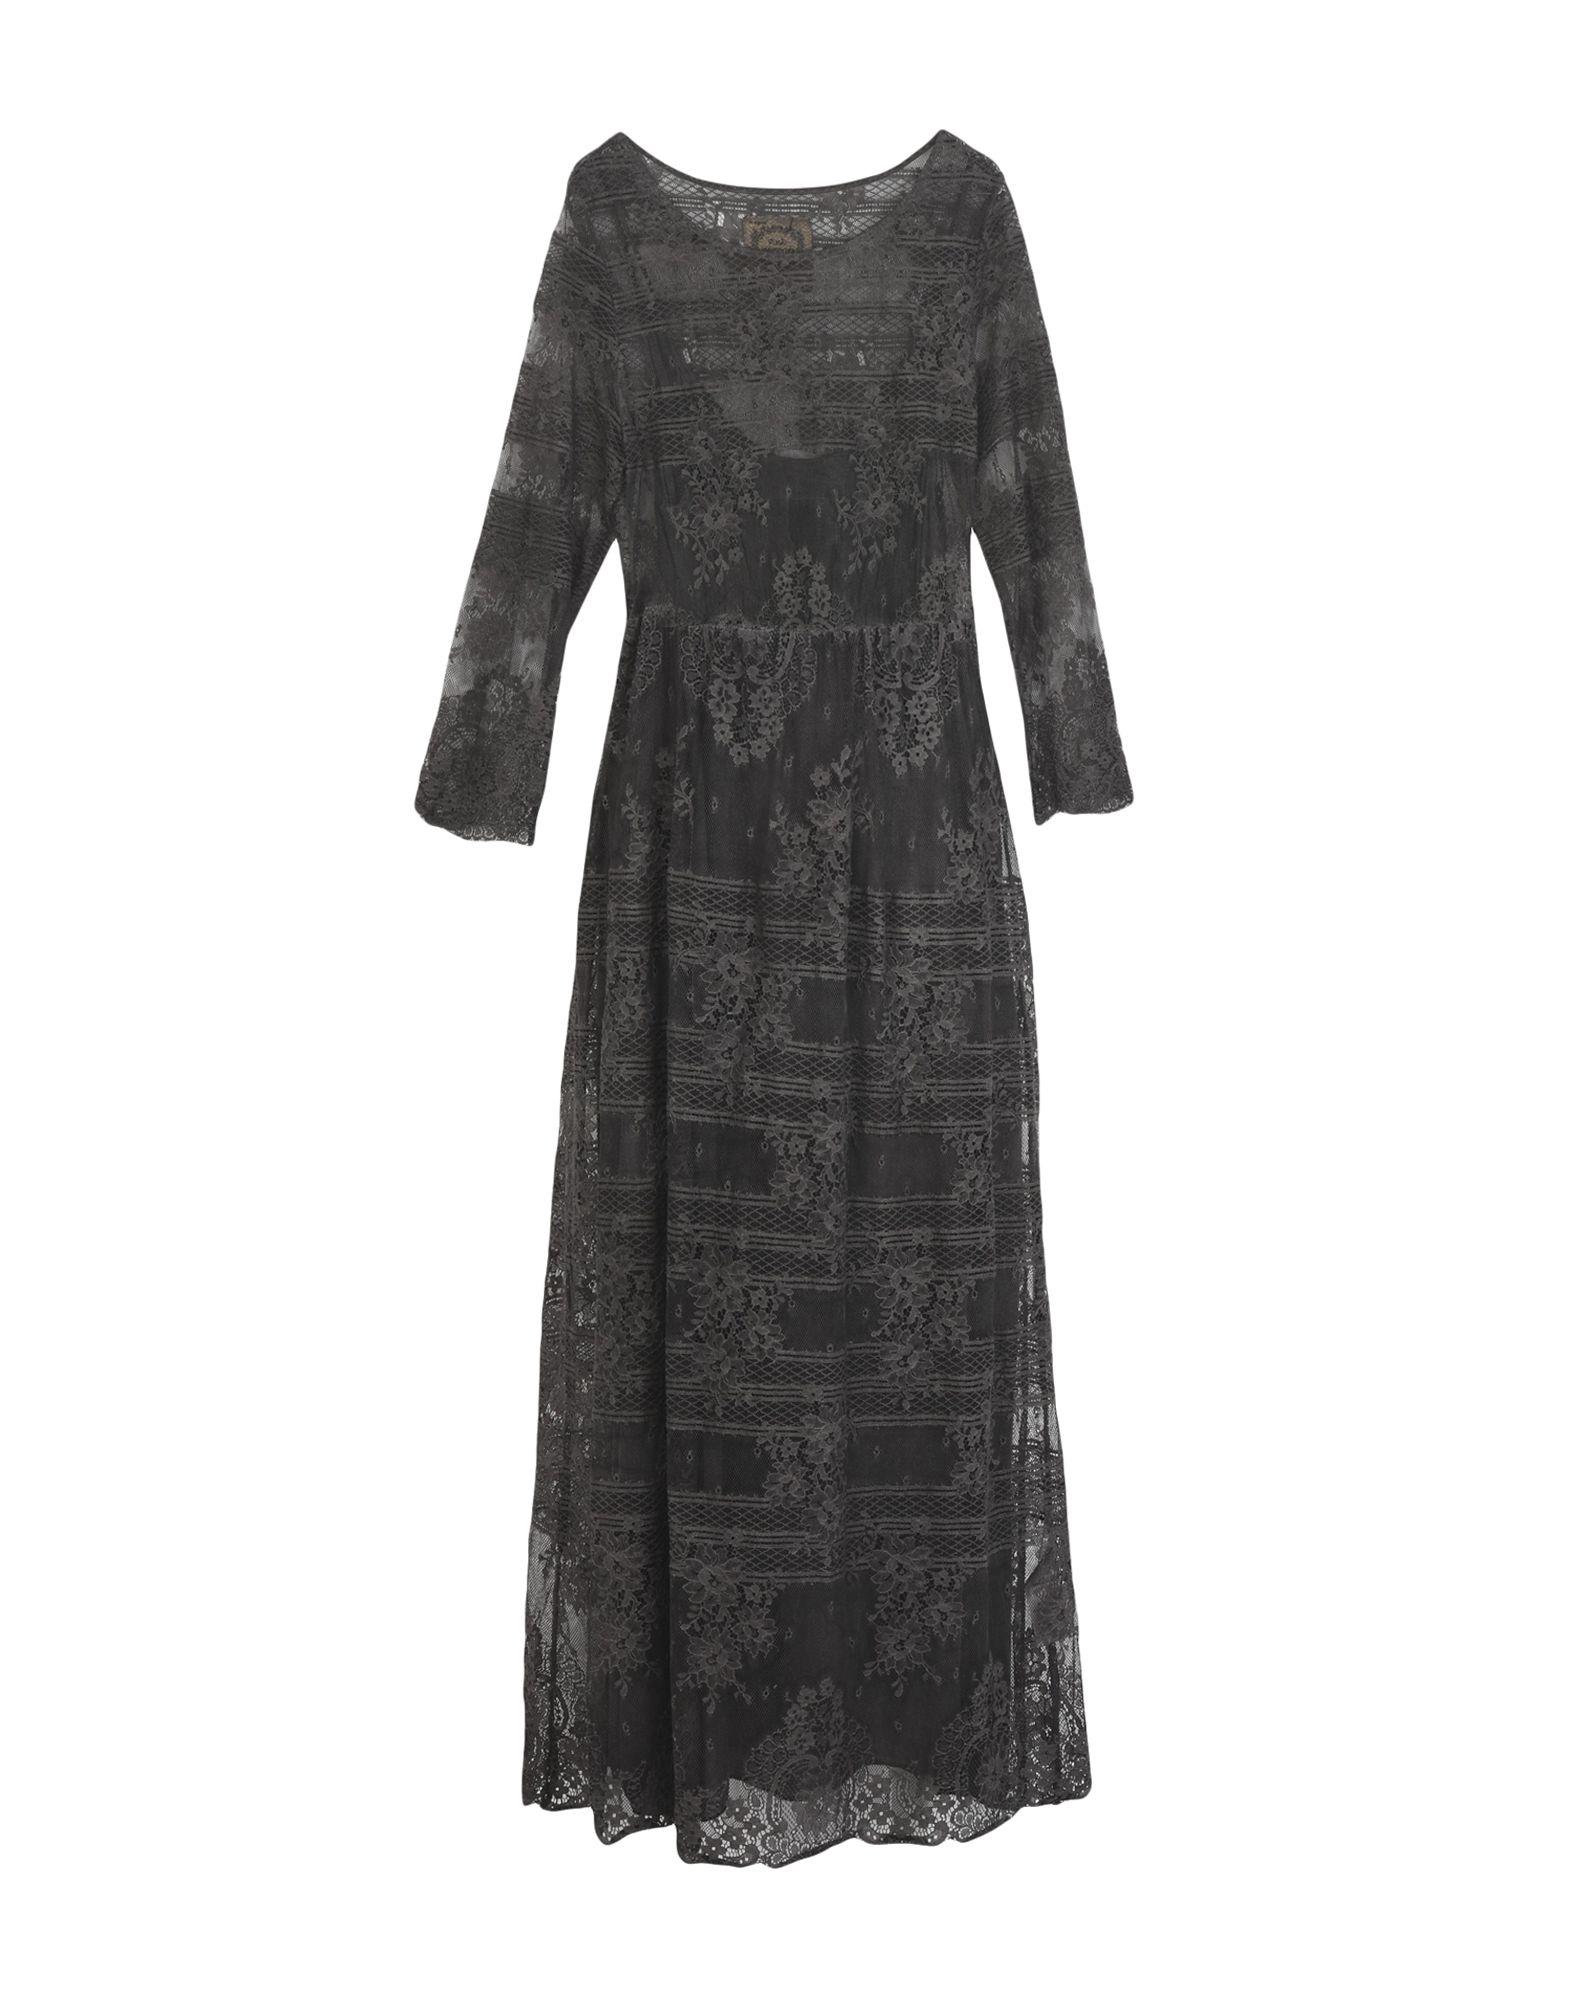 PINK MEMORIES Платье длиной 3/4 lisa corti платье длиной 3 4